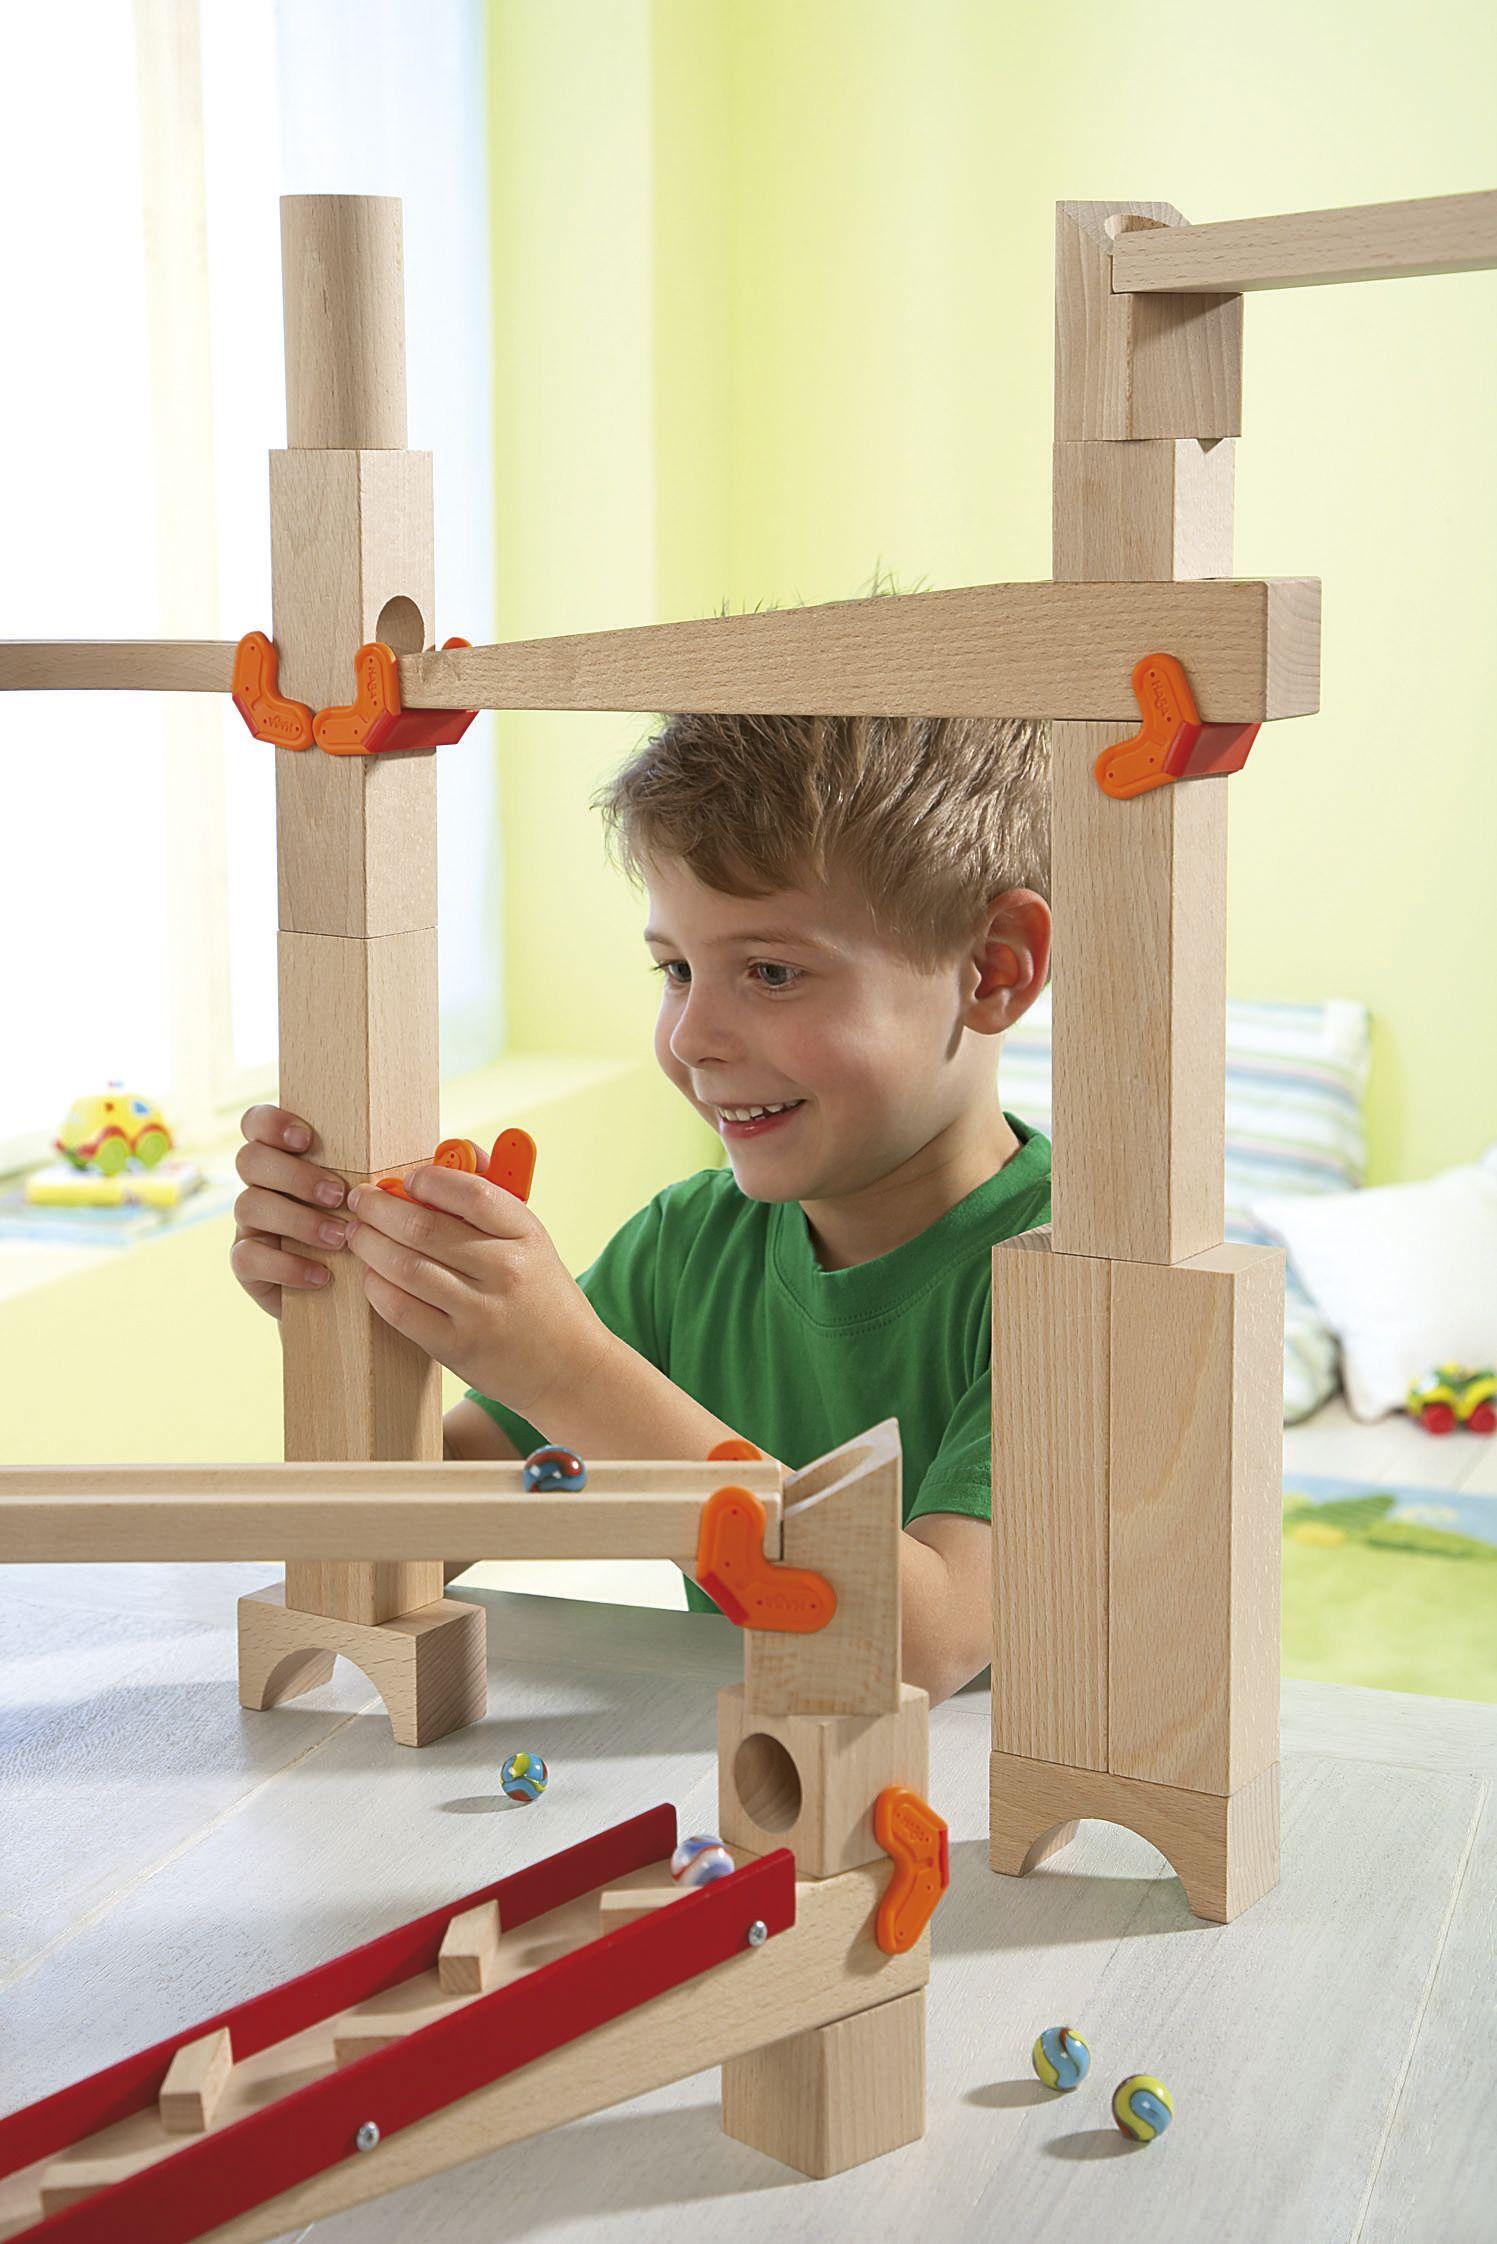 Bausteinklemmen und Rampen | Wooden toys and Toy